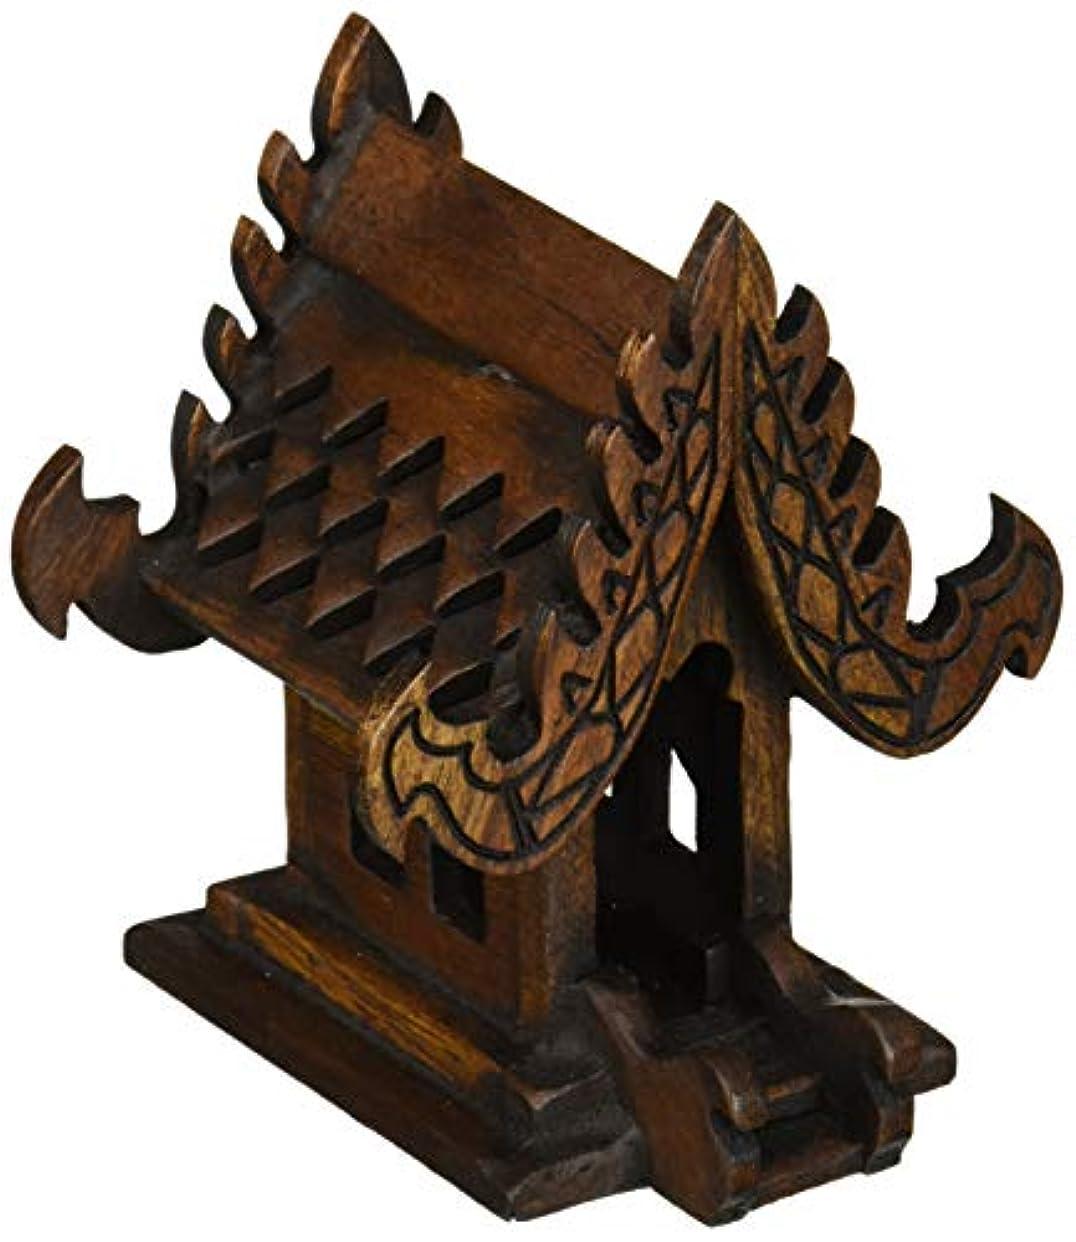 復活する土曜日簡潔なデザインunseenthailandタイ仏教でハンドメイドチーク材木製Spirit家。 W4